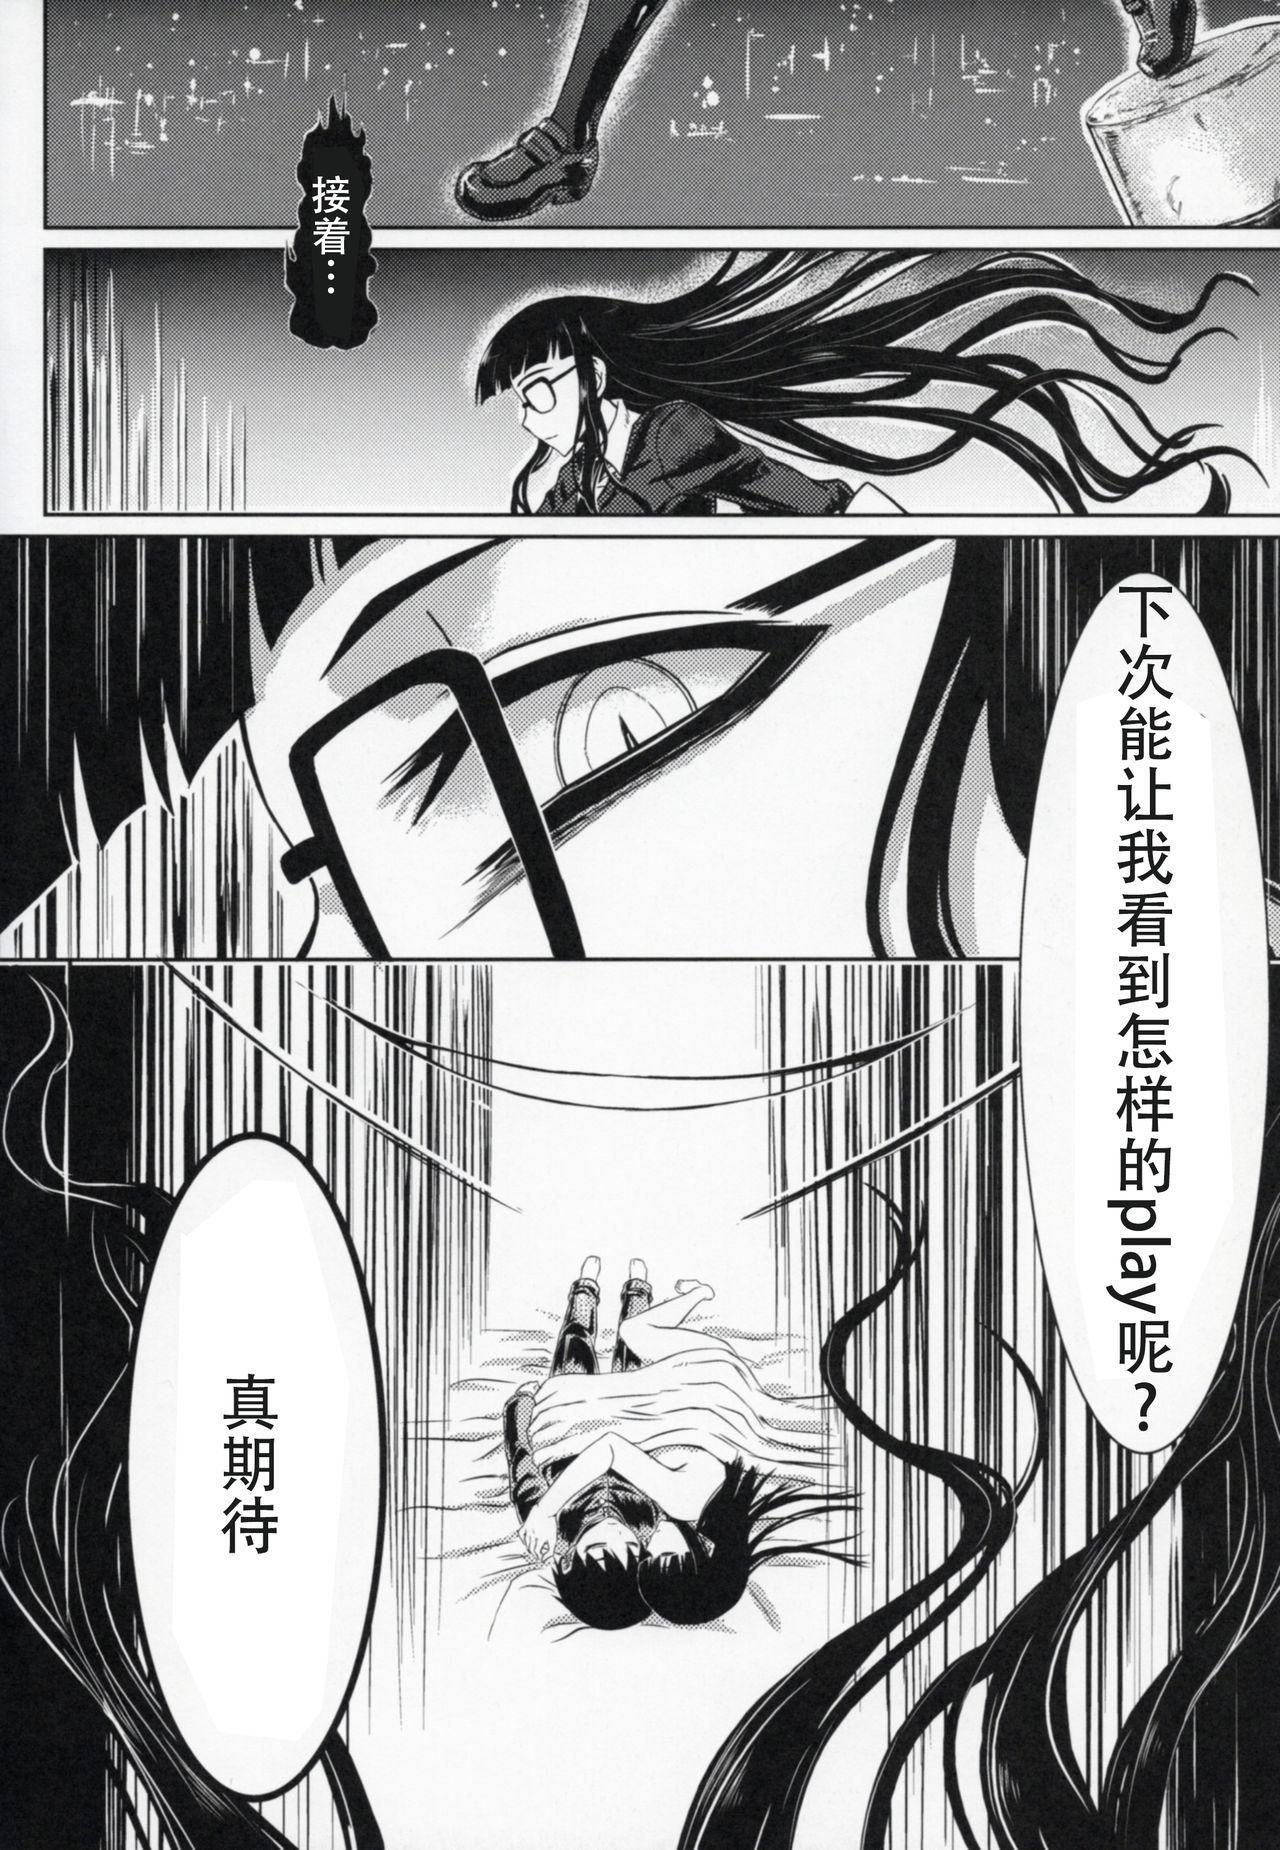 Houkago Sex 3 23